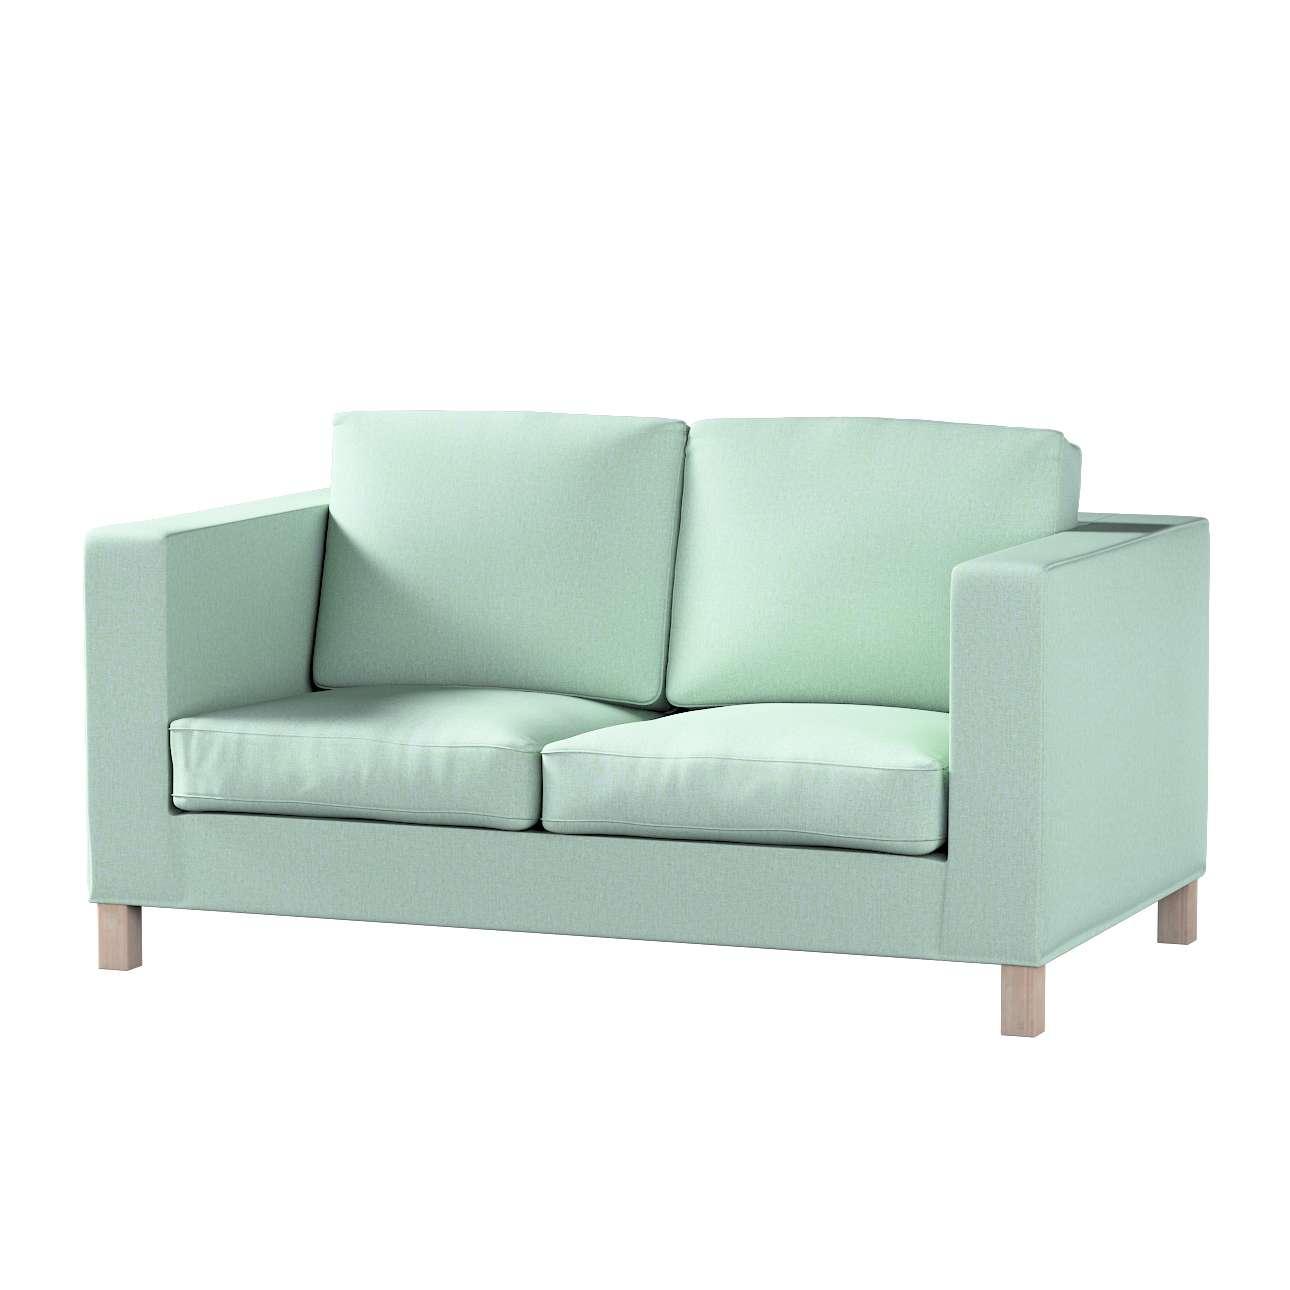 Bezug für Karlanda 2-Sitzer Sofa nicht ausklappbar, kurz von der Kollektion Living, Stoff: 161-61